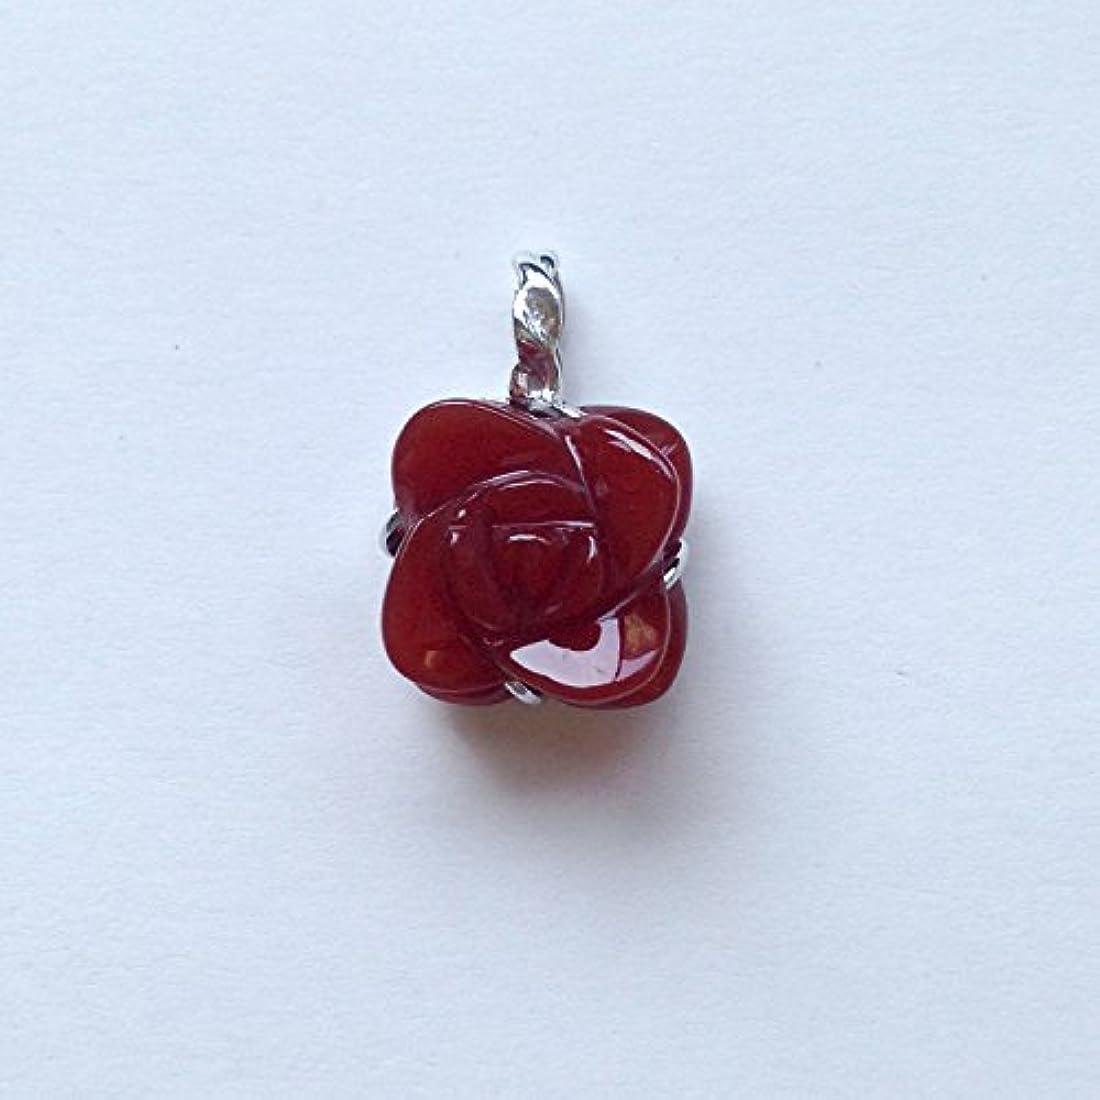 既に設計図無駄香る宝石SV赤メノウペンダント通常¥26,800の所 (Ag925)